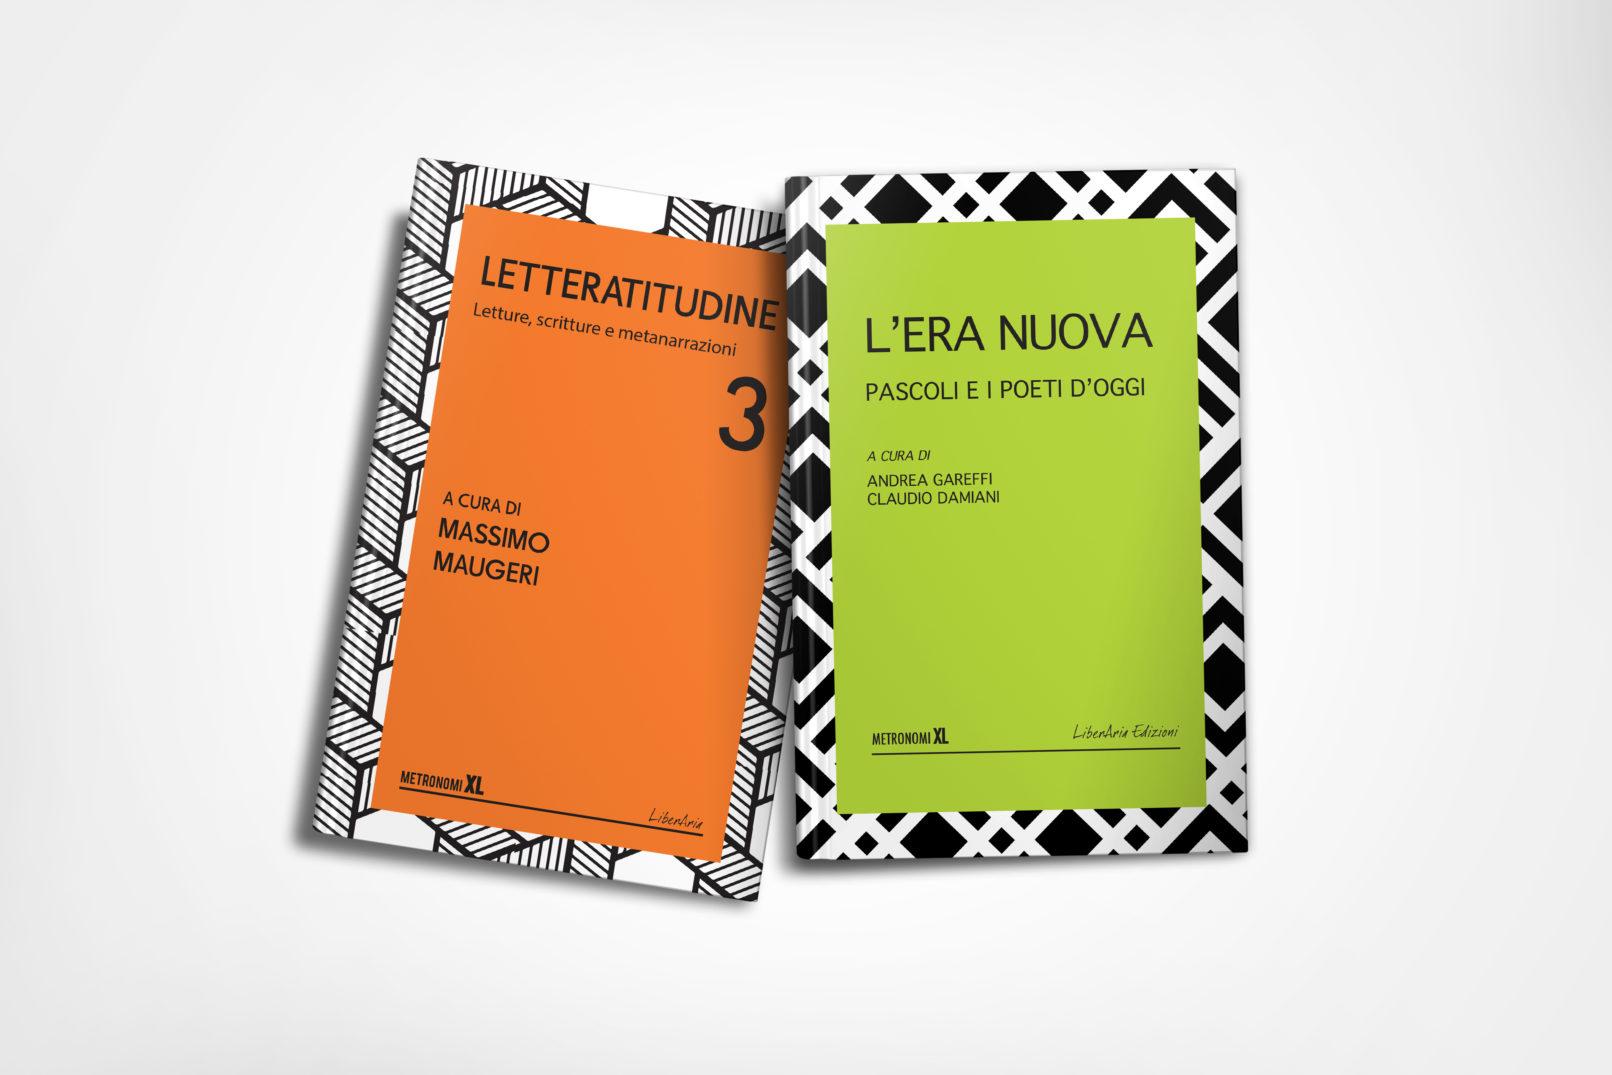 Book Cover Black Xl ~ Collana metronomi xl book cover design mariarosacomparato